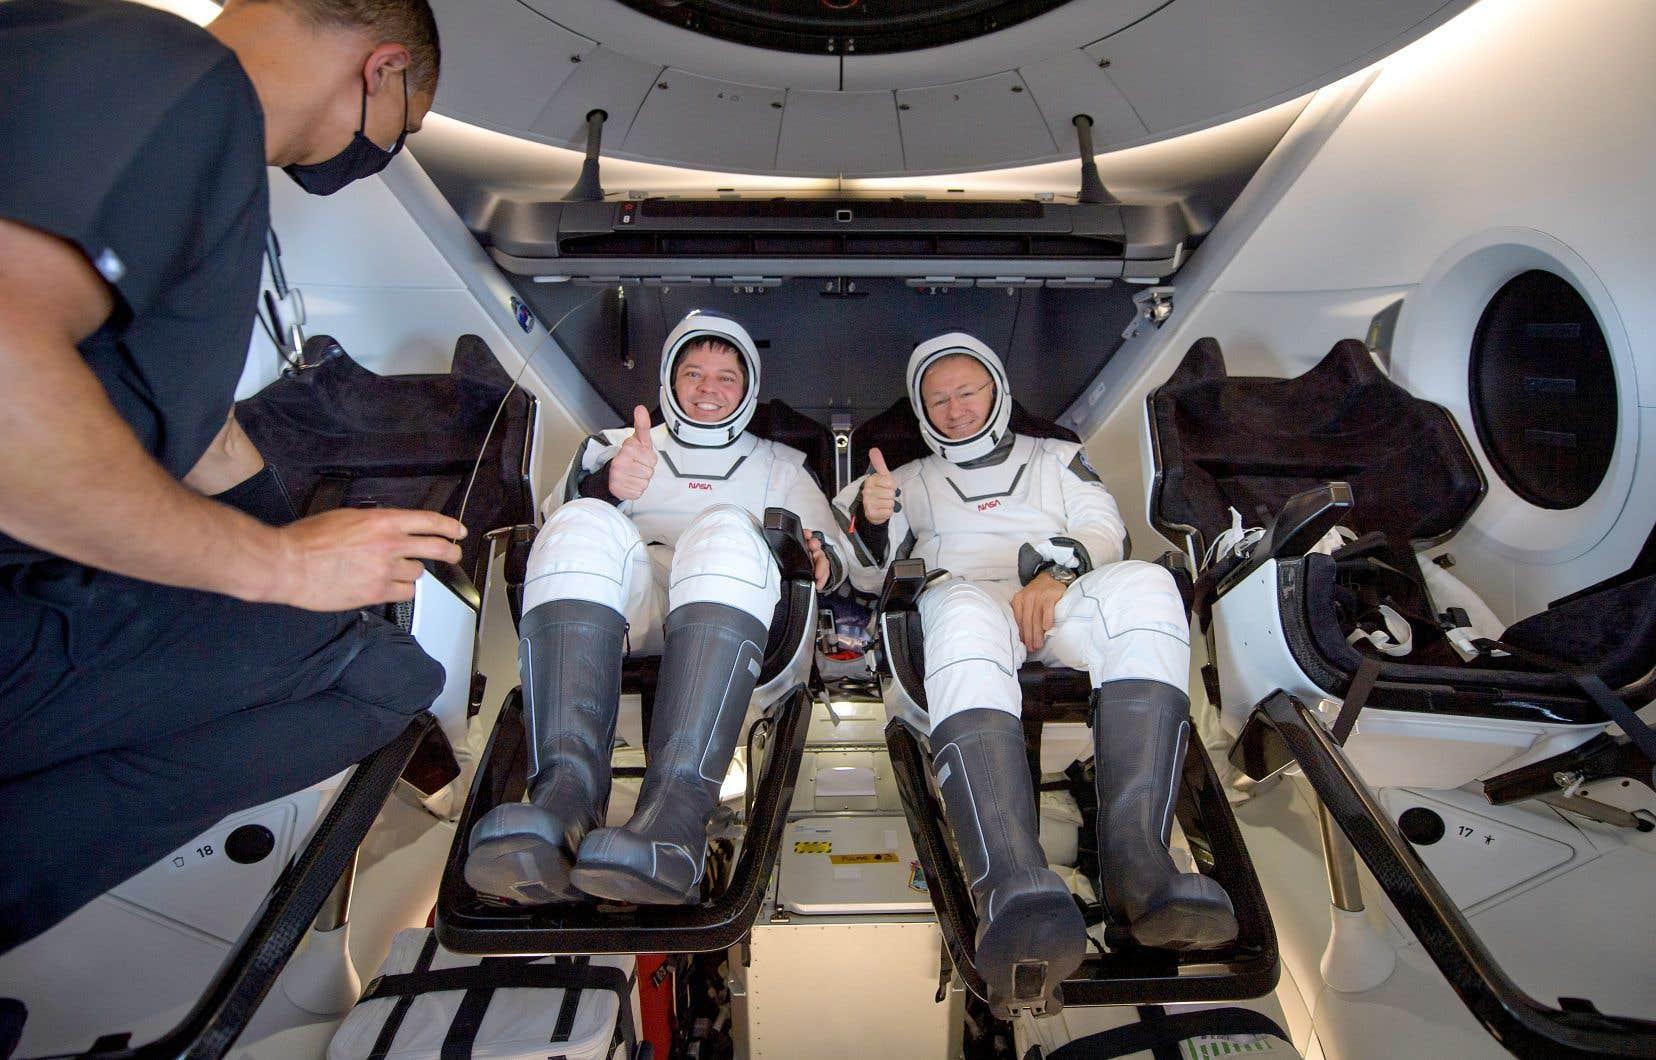 Après deux mois dans la Station spatiale internationale, et plusieurs sorties dans l'espace, Bob Behnken et Doug Hurley sont revenus sur Terre à 14h48 dimanche.